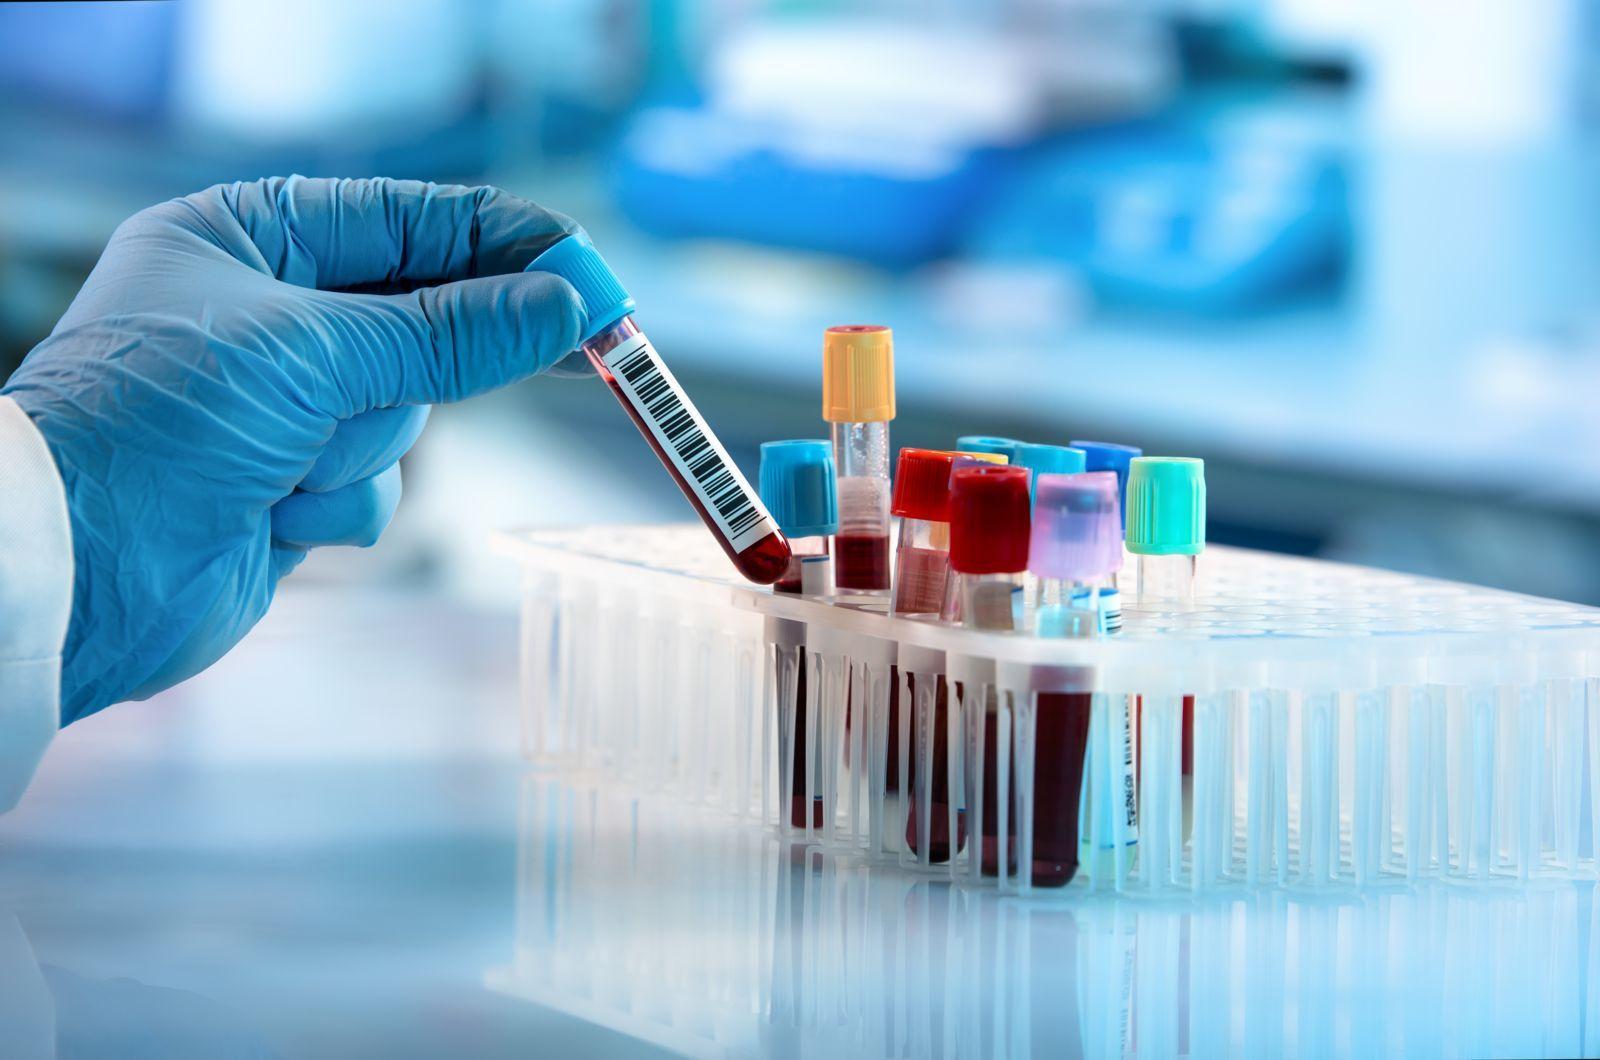 معرفی رشته علوم آزمایشگاهی و خون شناسی و انگل شناسی و بیوتکنولوژی